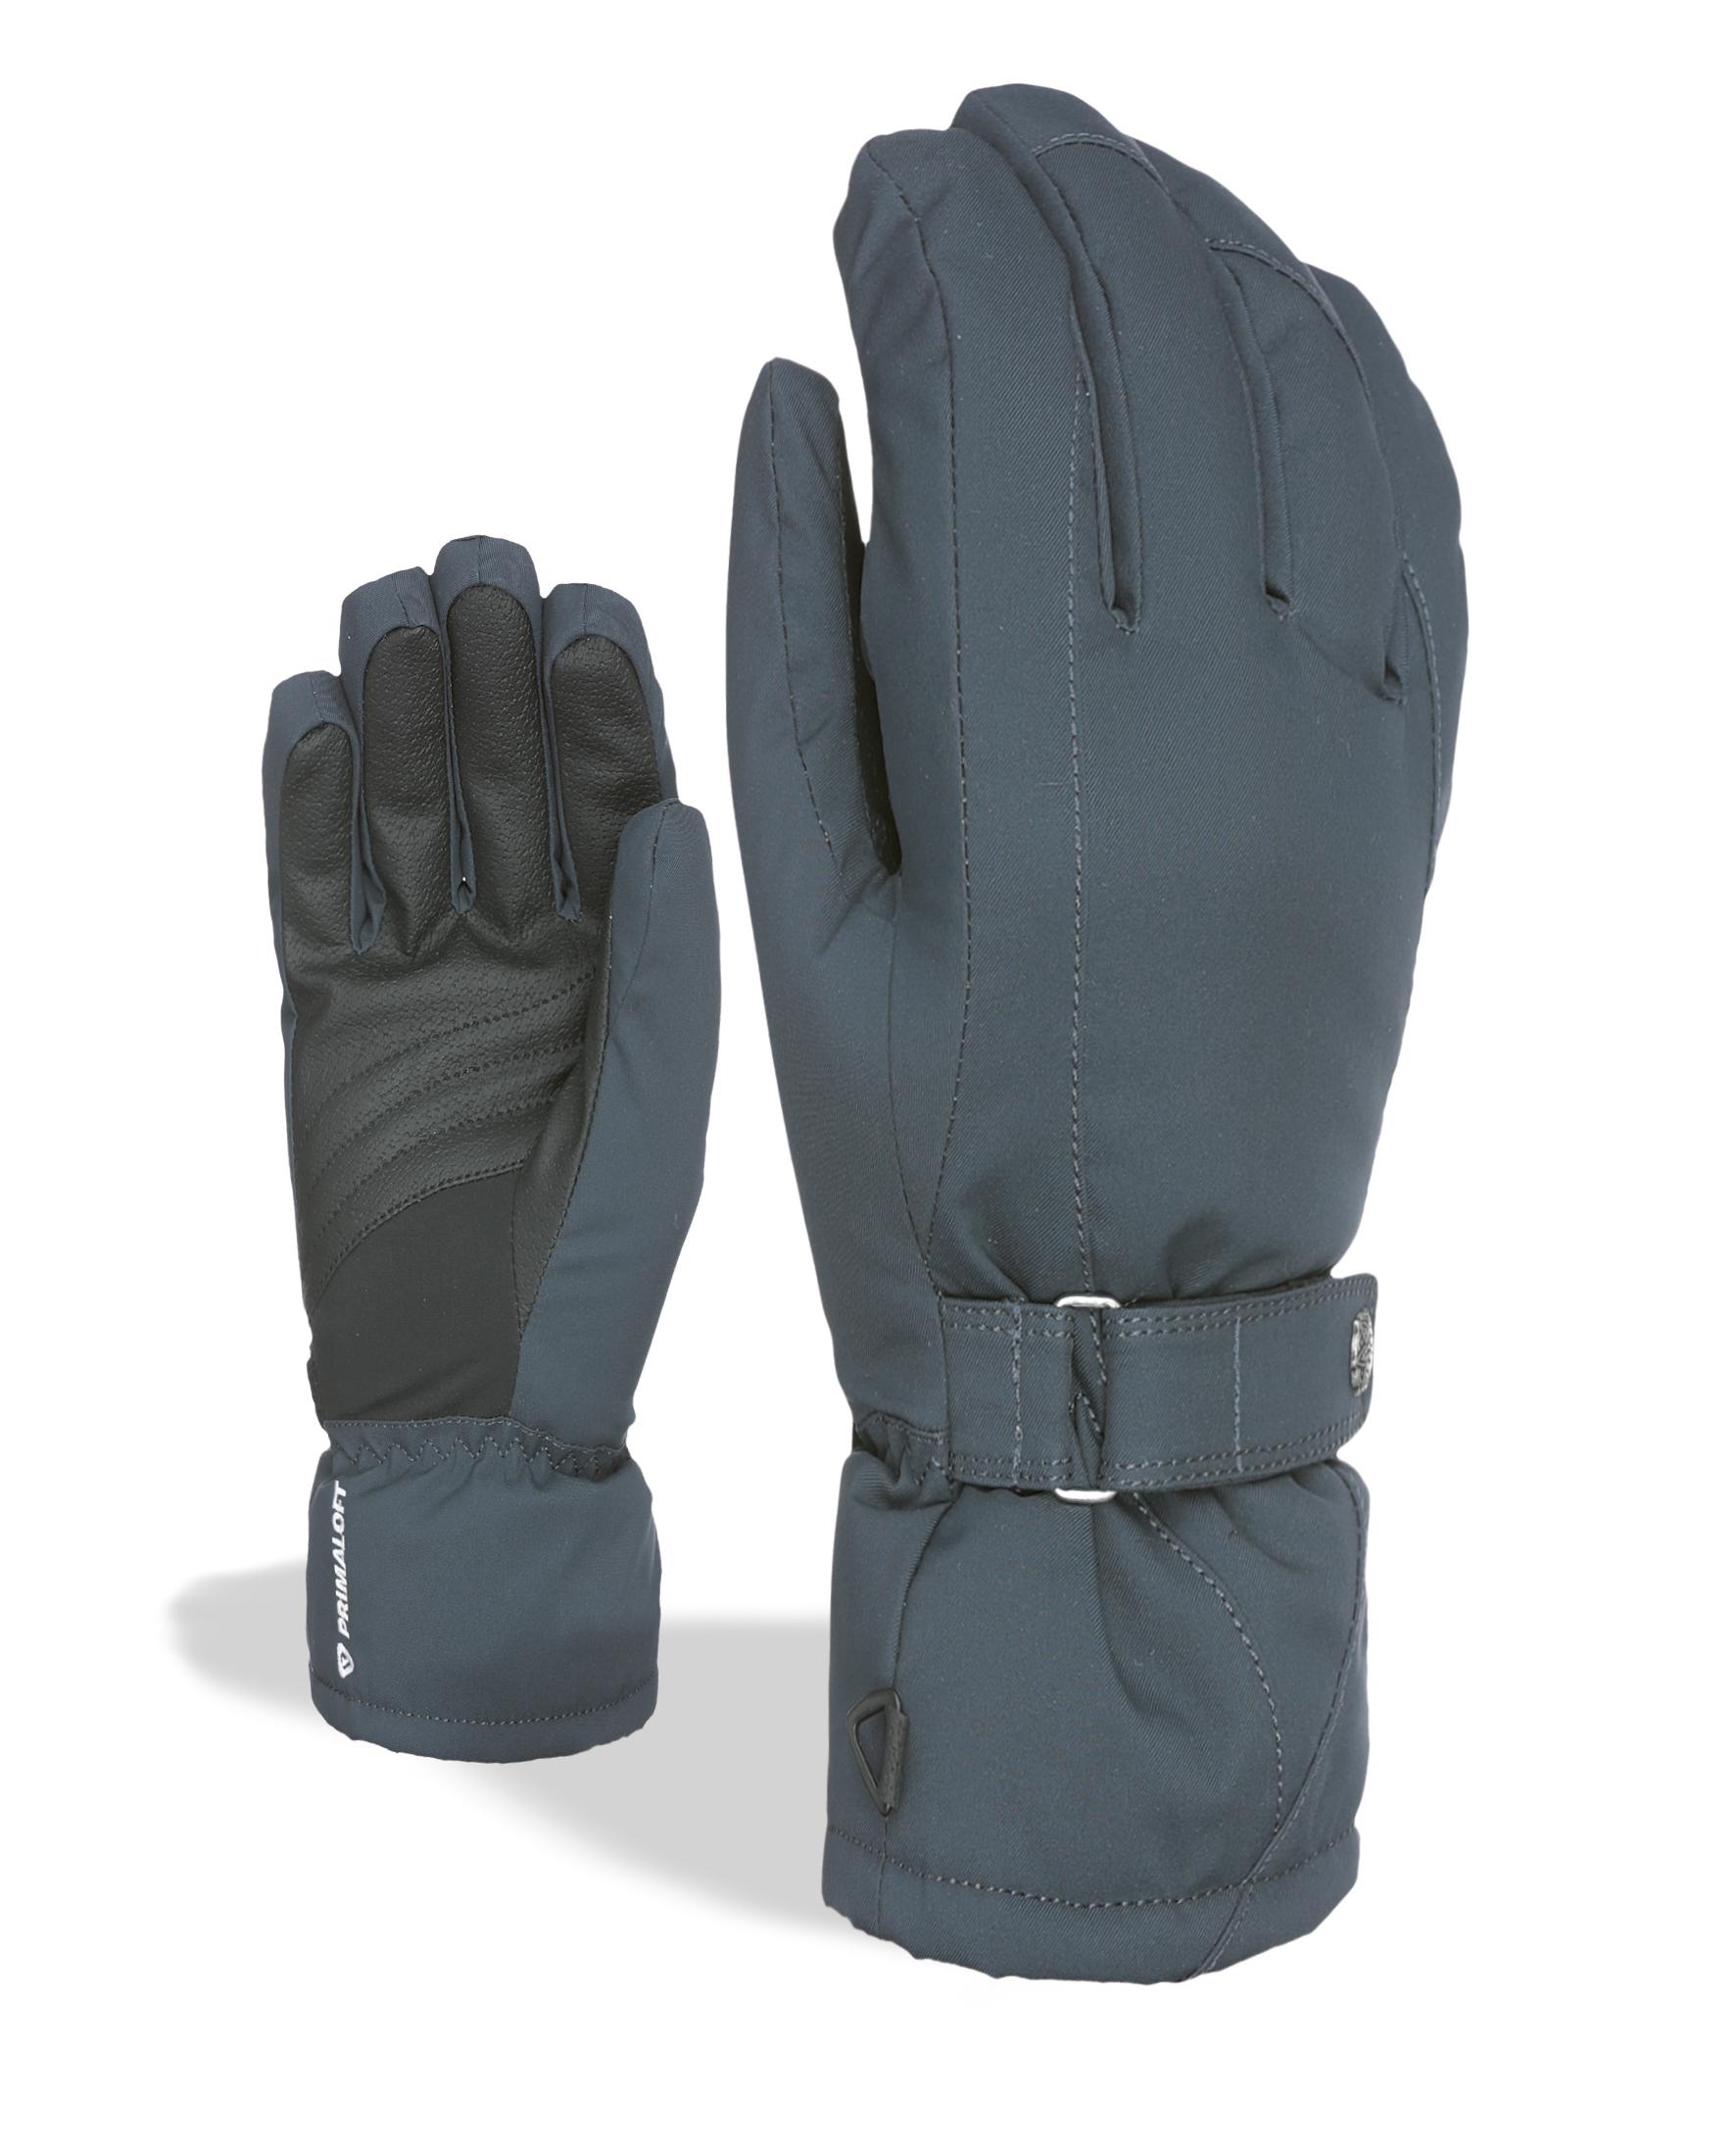 7e5d966e2 Level Hero W dunkelblue wasserdicht atmungsaktiv wärmend Handschuh  nnobpf4046-Gloves   Mittens